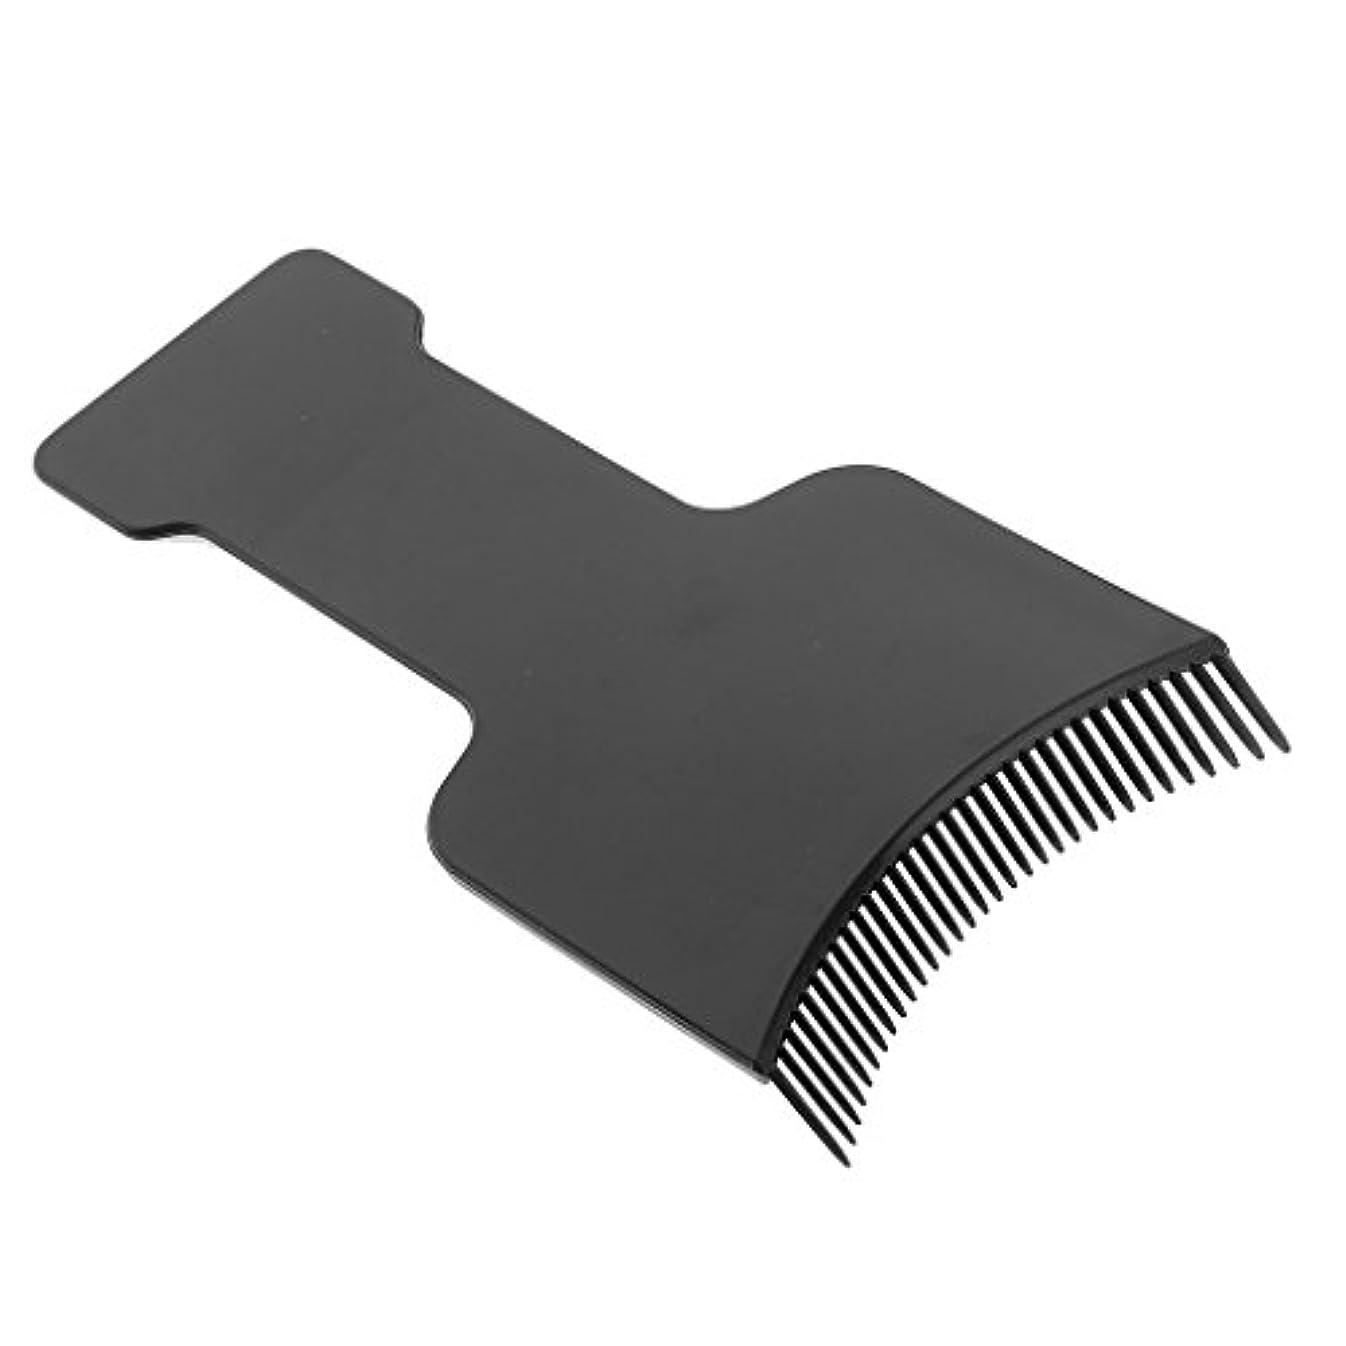 パーチナシティスティック誘惑するヘアカラー ボード 髪 染色 ツール ブラック 全4サイズ - S